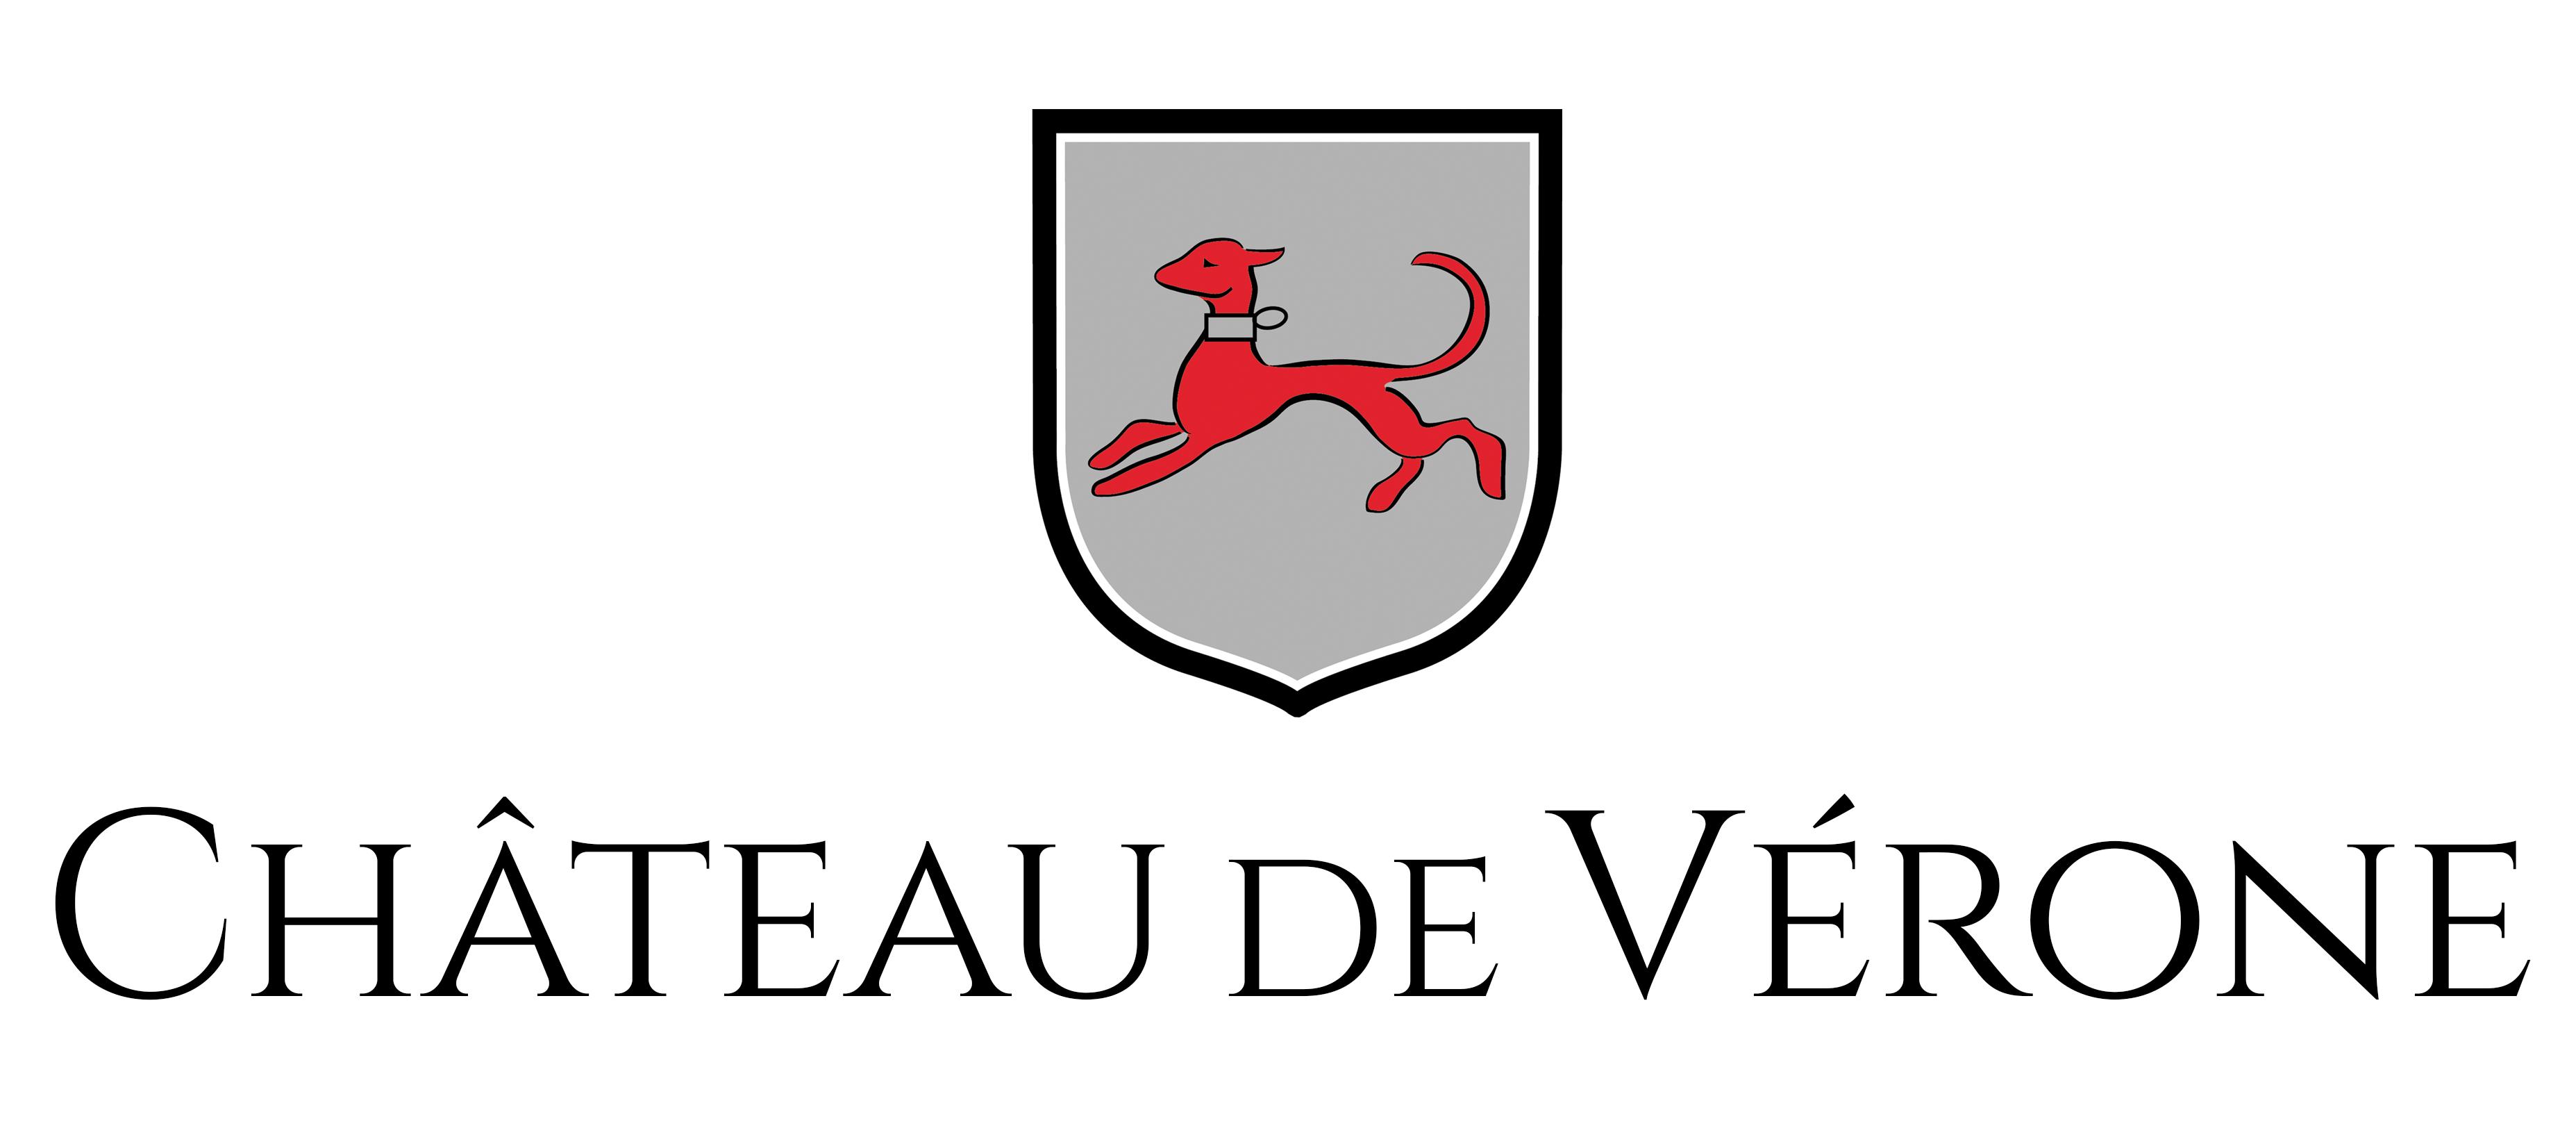 Château de Verone